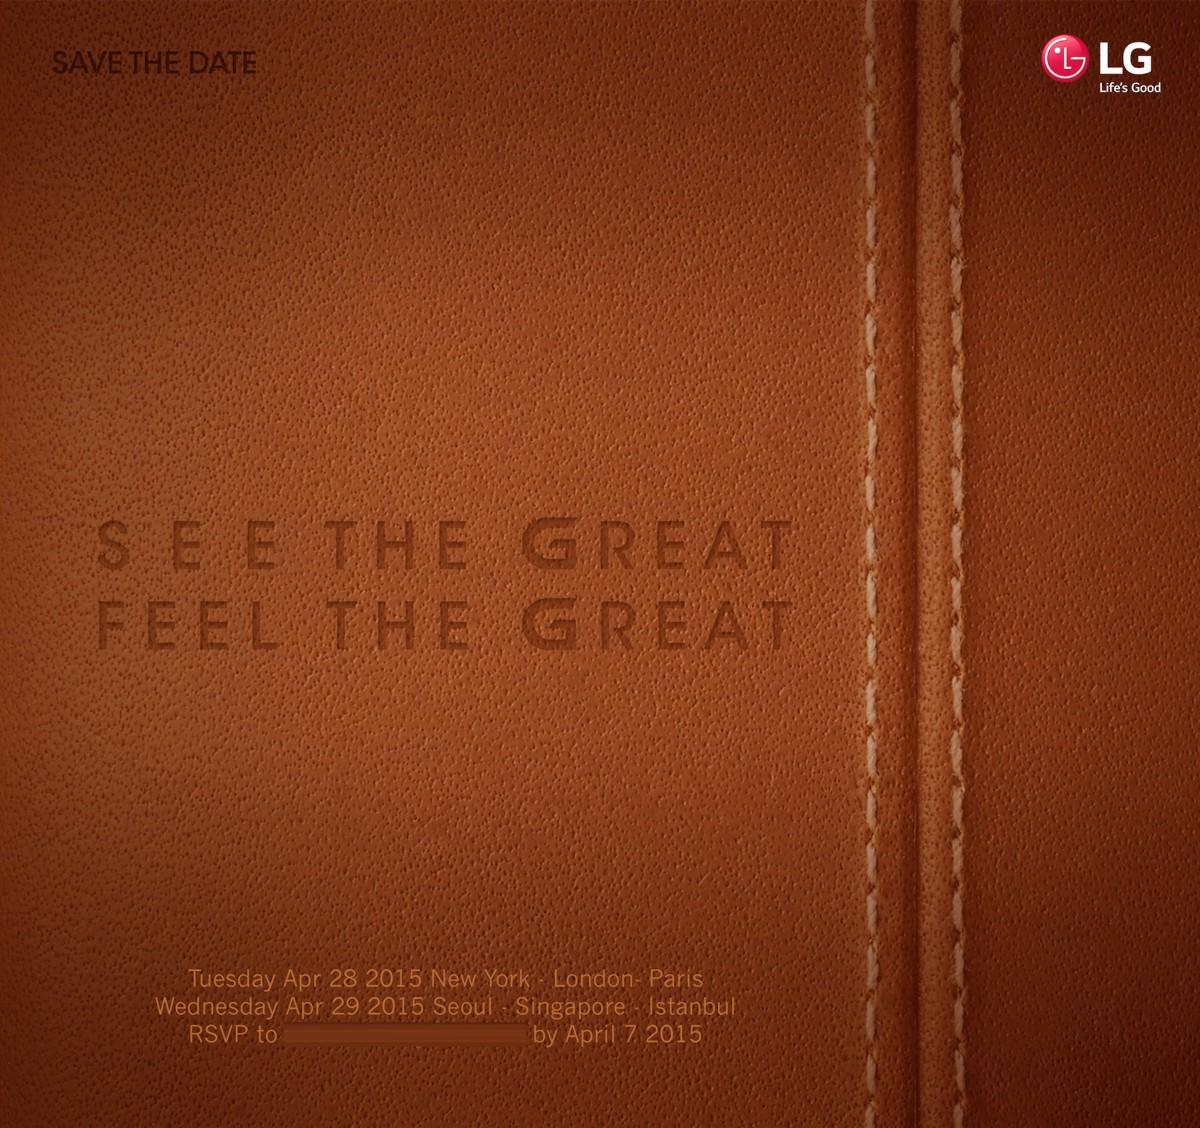 LG G4 - LG G4 sẽ ra mắt vào ngày 28-04